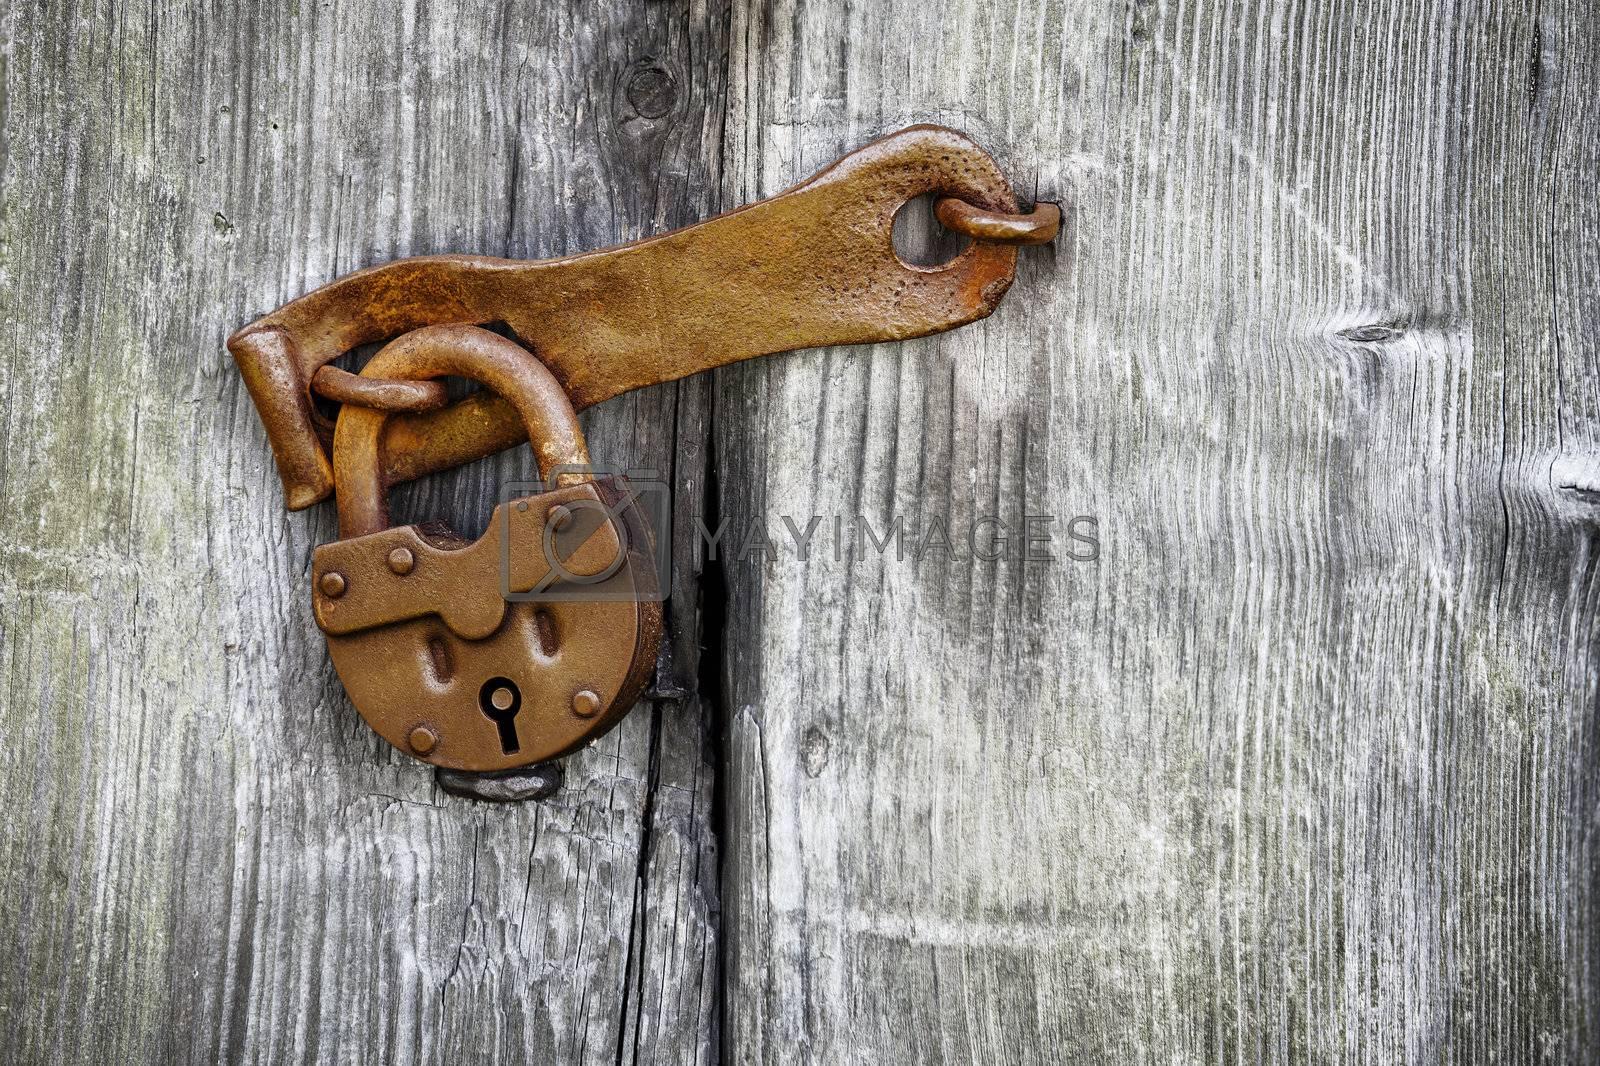 Old rusty padlock on a wooden door